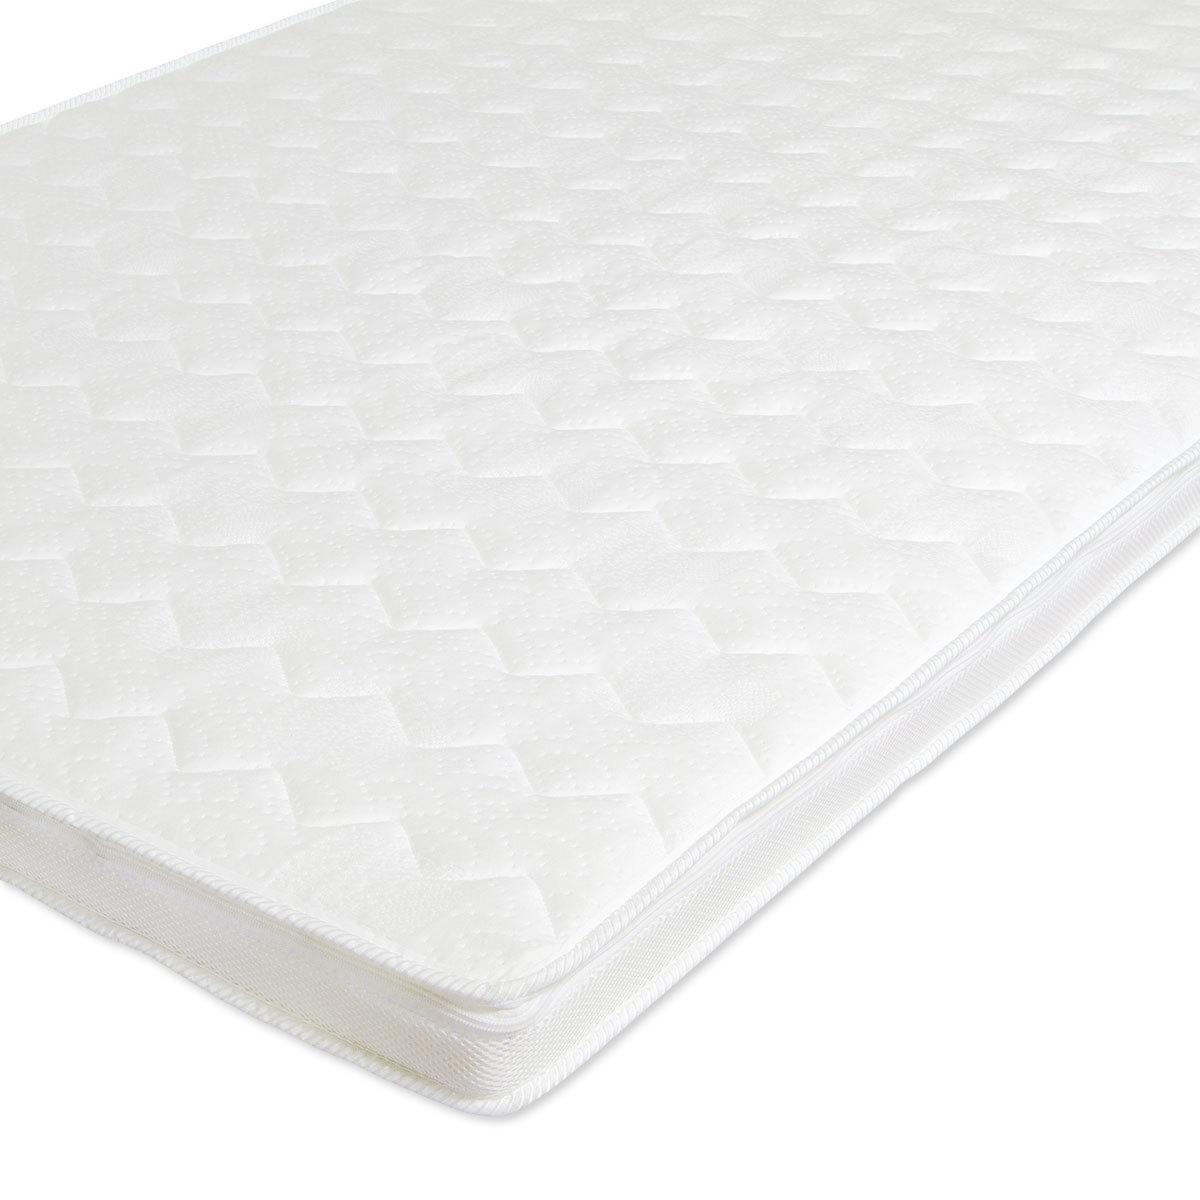 traumschlaf stiftlatex topper g nstig online kaufen bei bettwaren shop. Black Bedroom Furniture Sets. Home Design Ideas